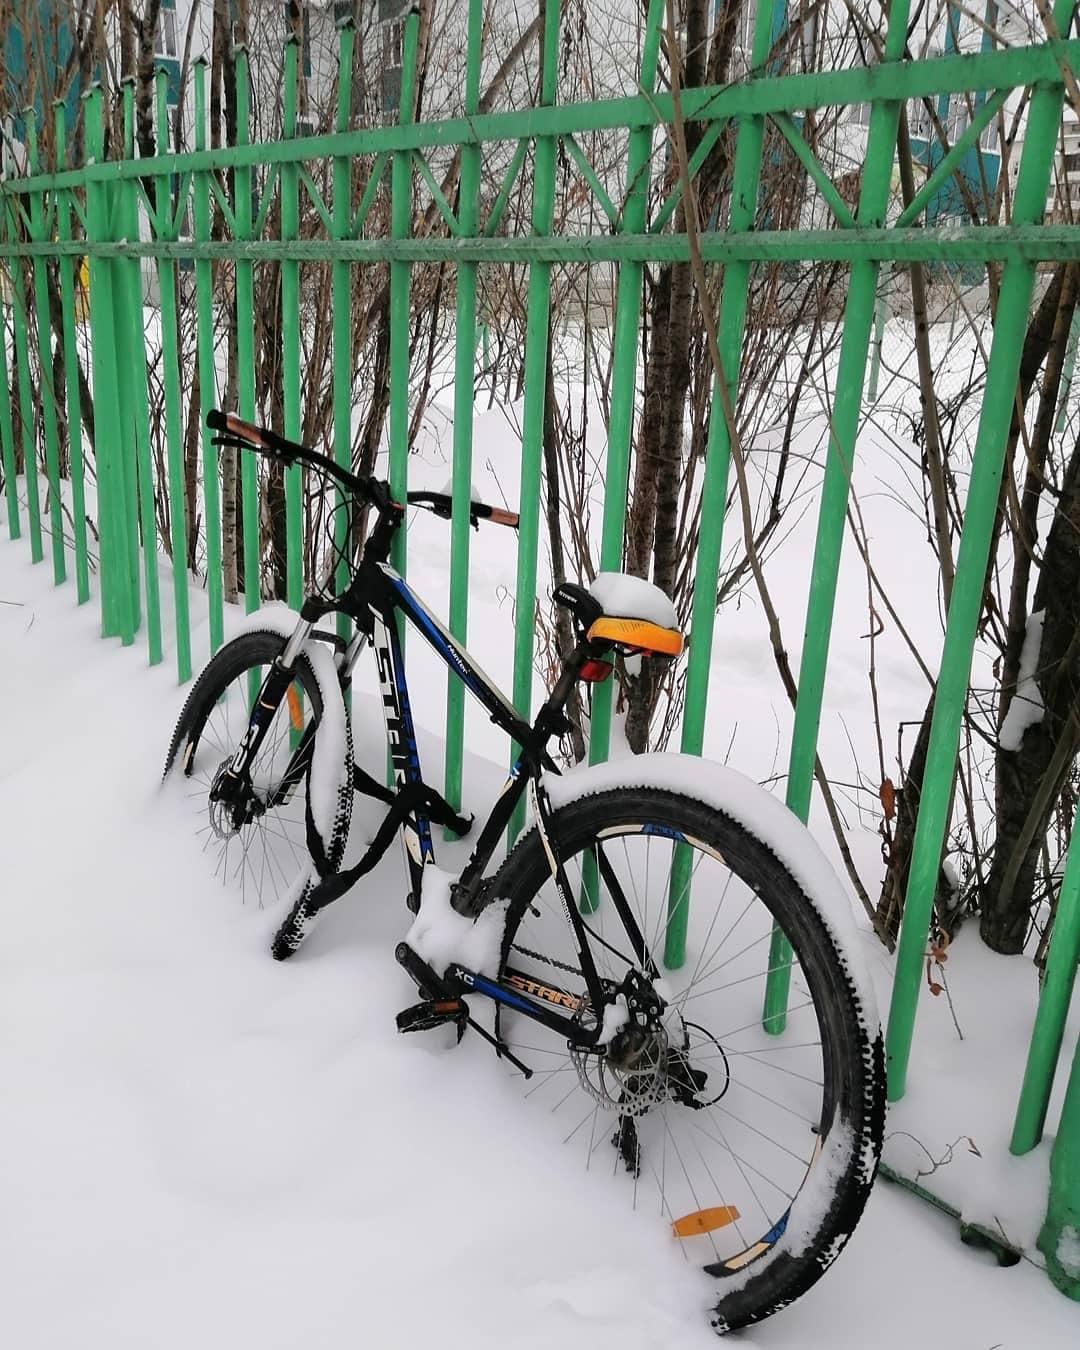 Аномальный снегопад. Коммунальщики круглосуточно убирают городские улицы